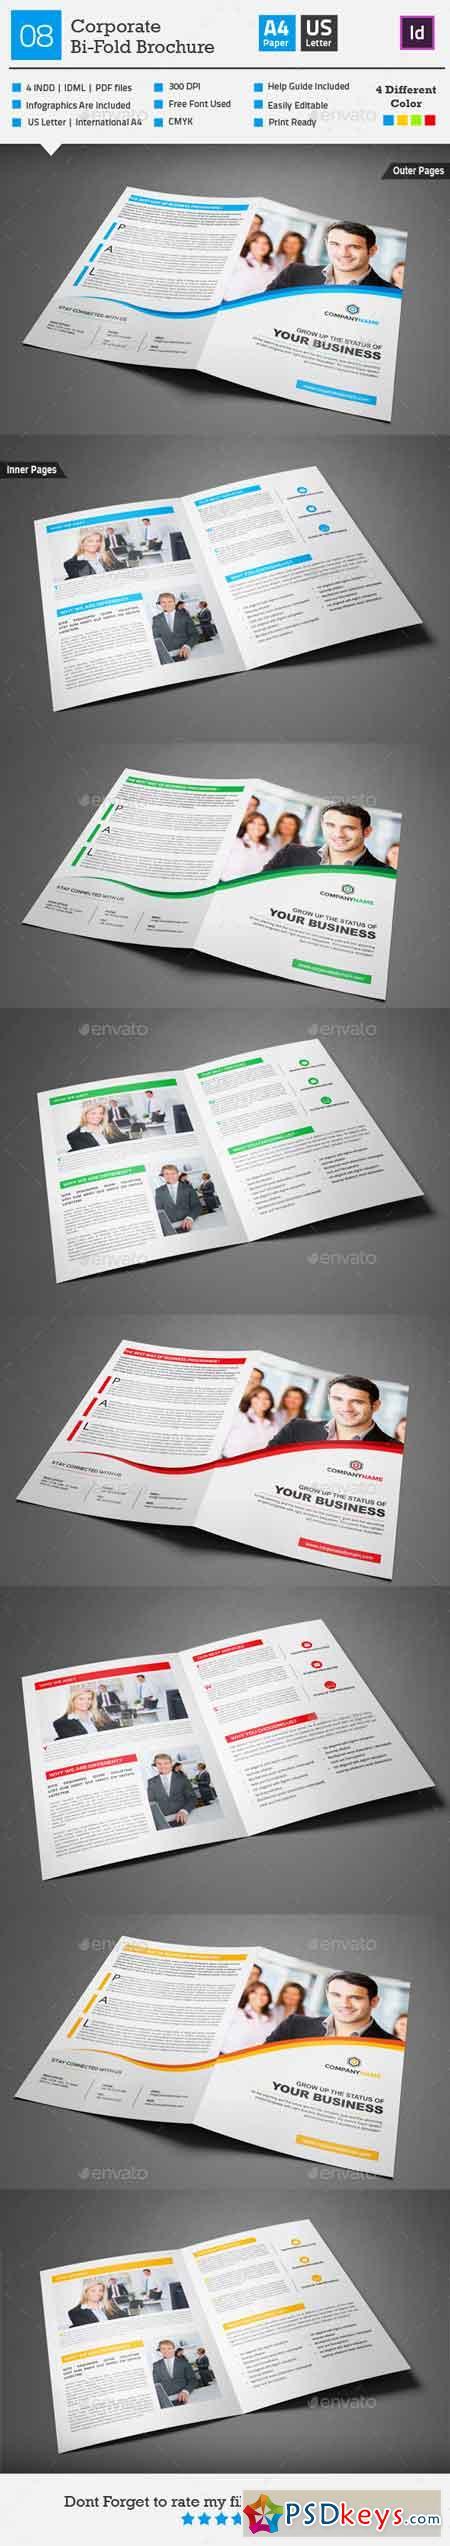 Corporate Bi-fold Brochure 08 10234656